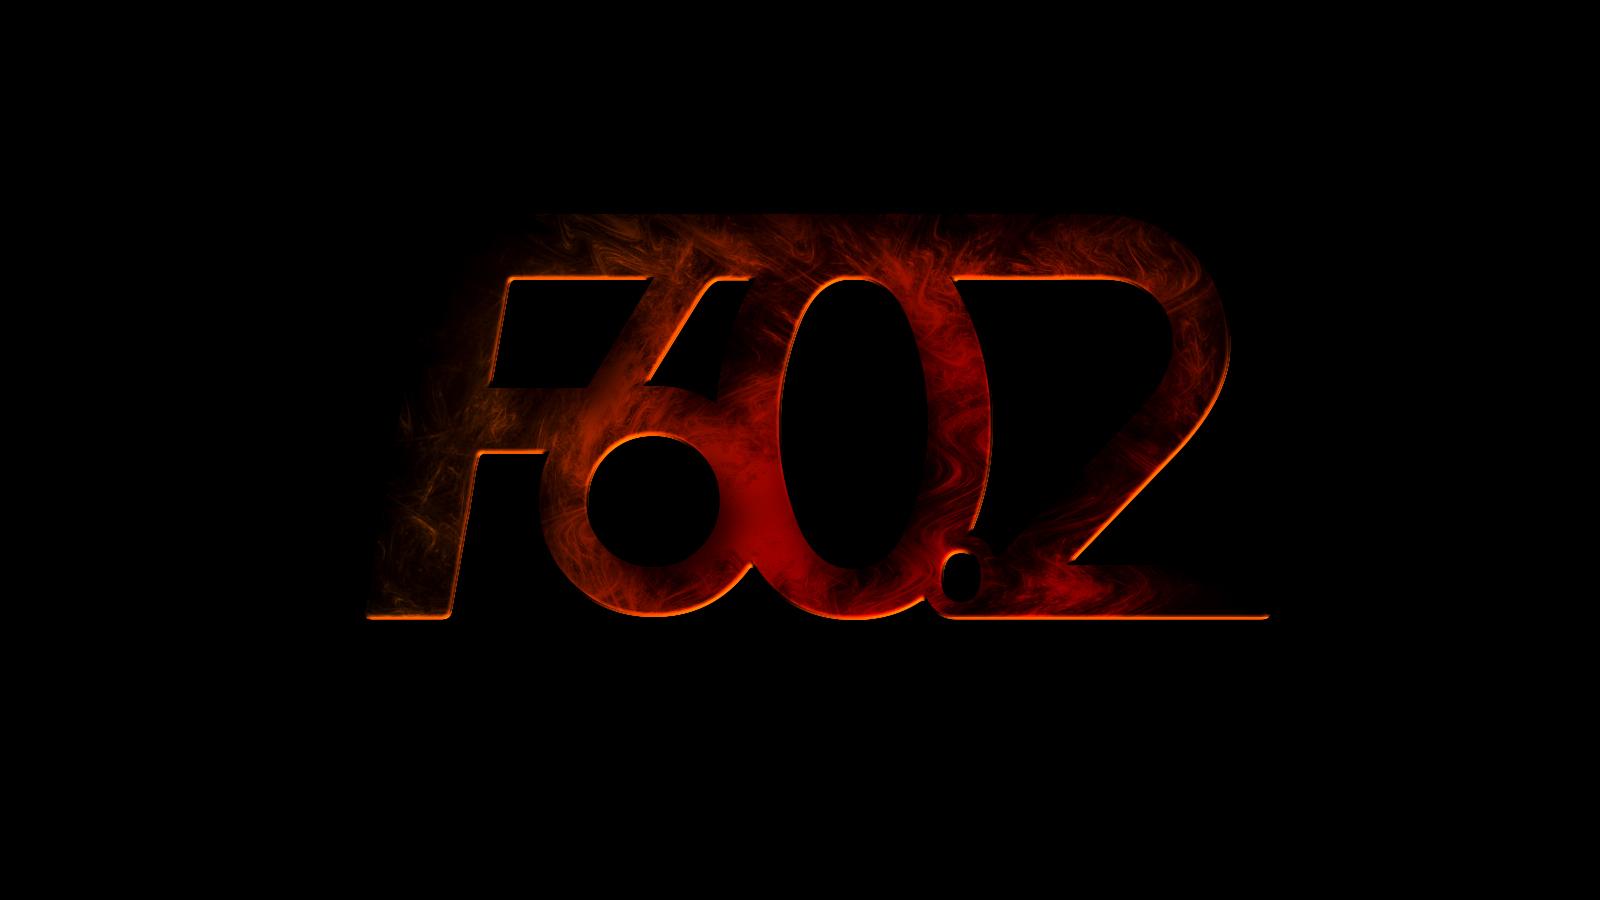 F602 F60 2 Music 1600x900